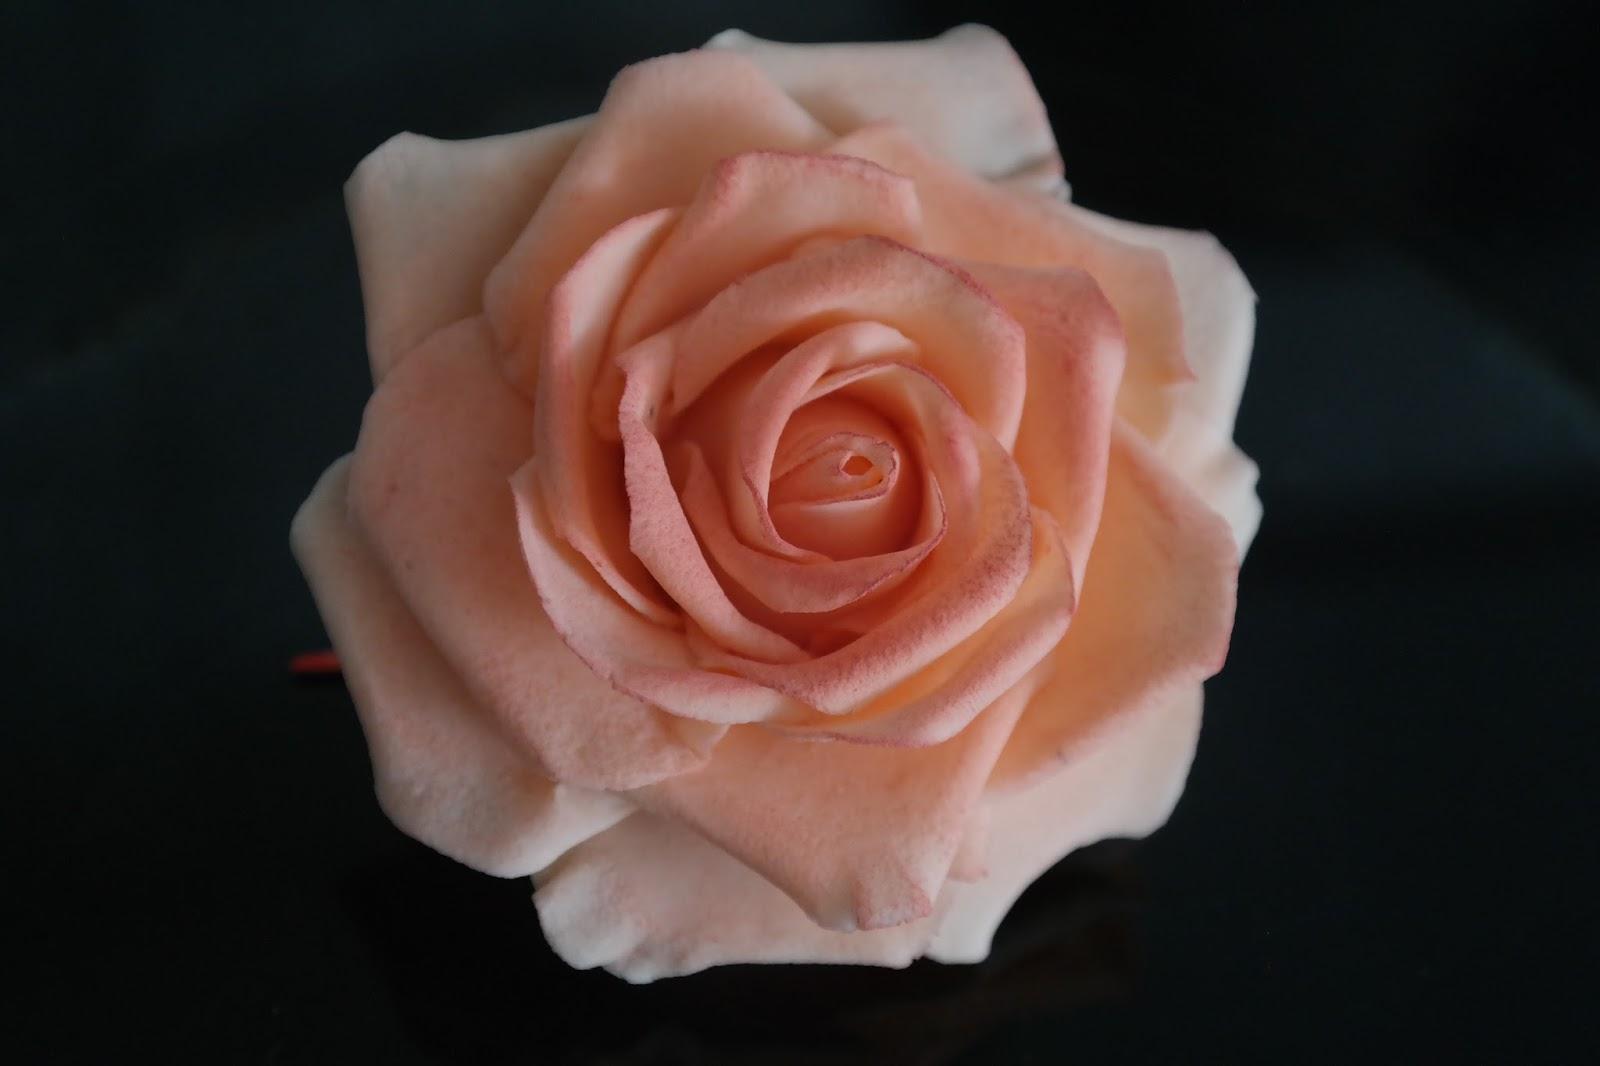 backdat 1001 torte rose aus bl tenpaste. Black Bedroom Furniture Sets. Home Design Ideas